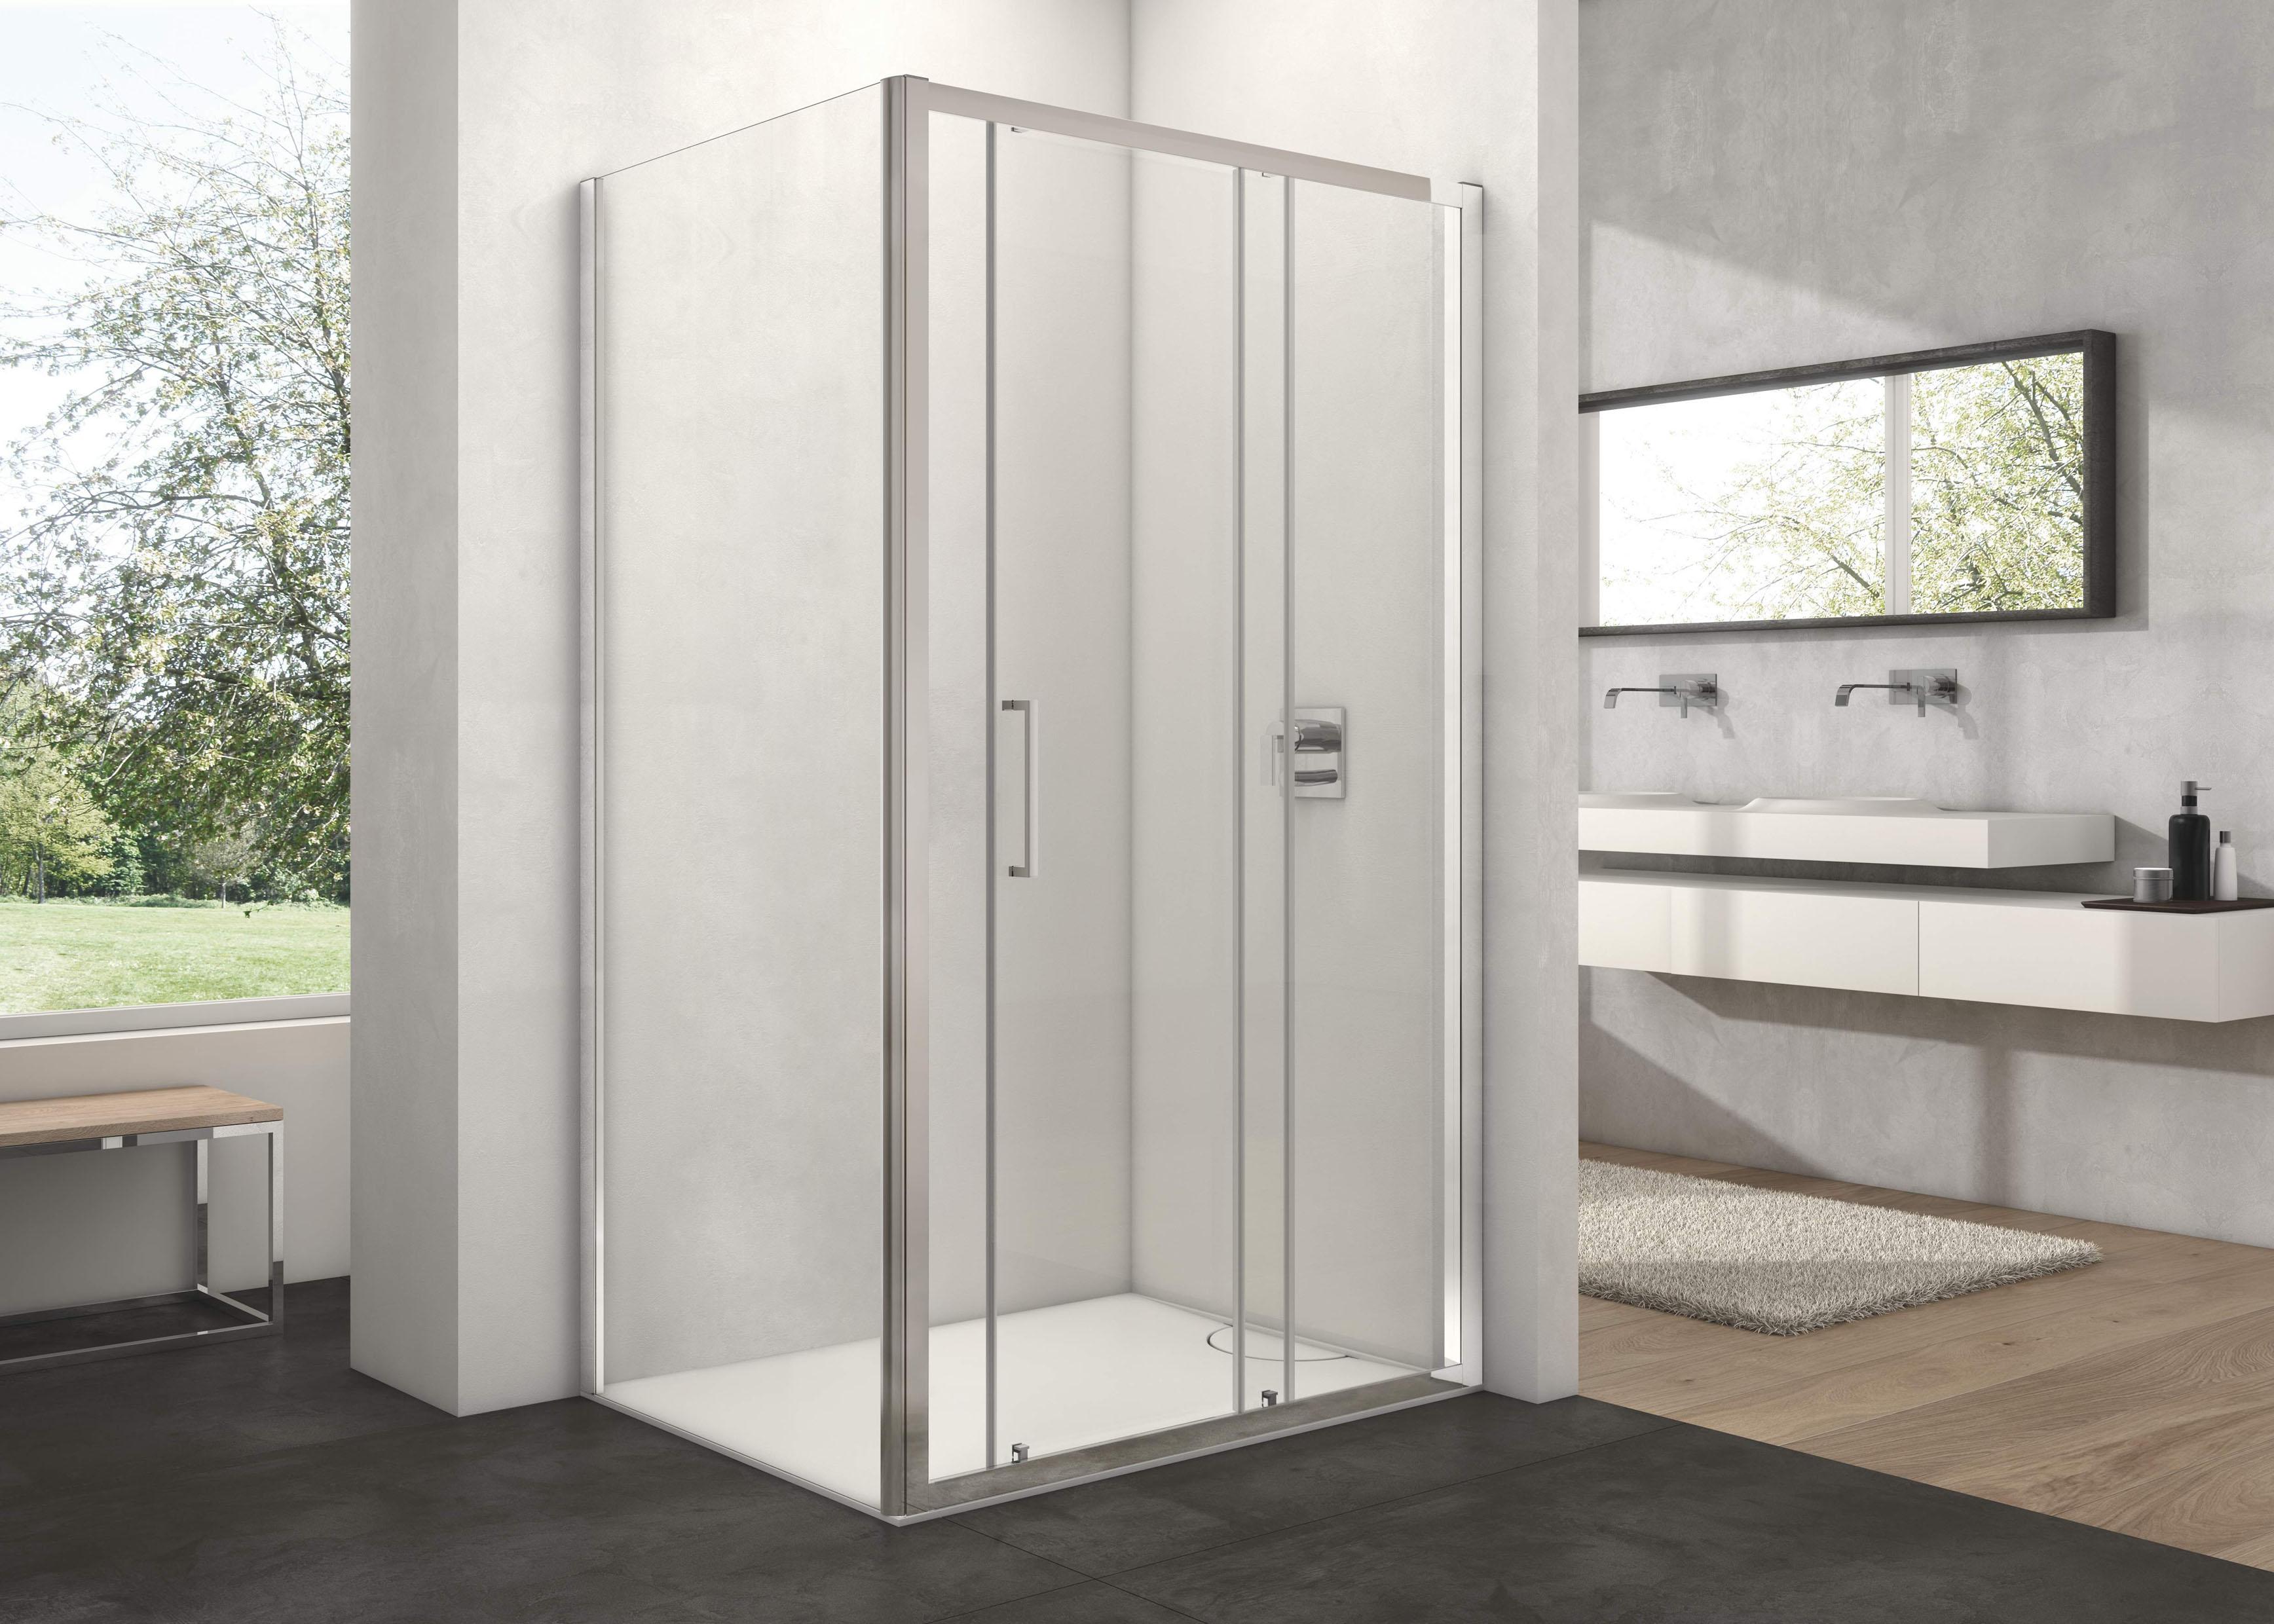 Cersaie 2015 provex presenta il nuovo box doccia new arco - Il box doccia ...